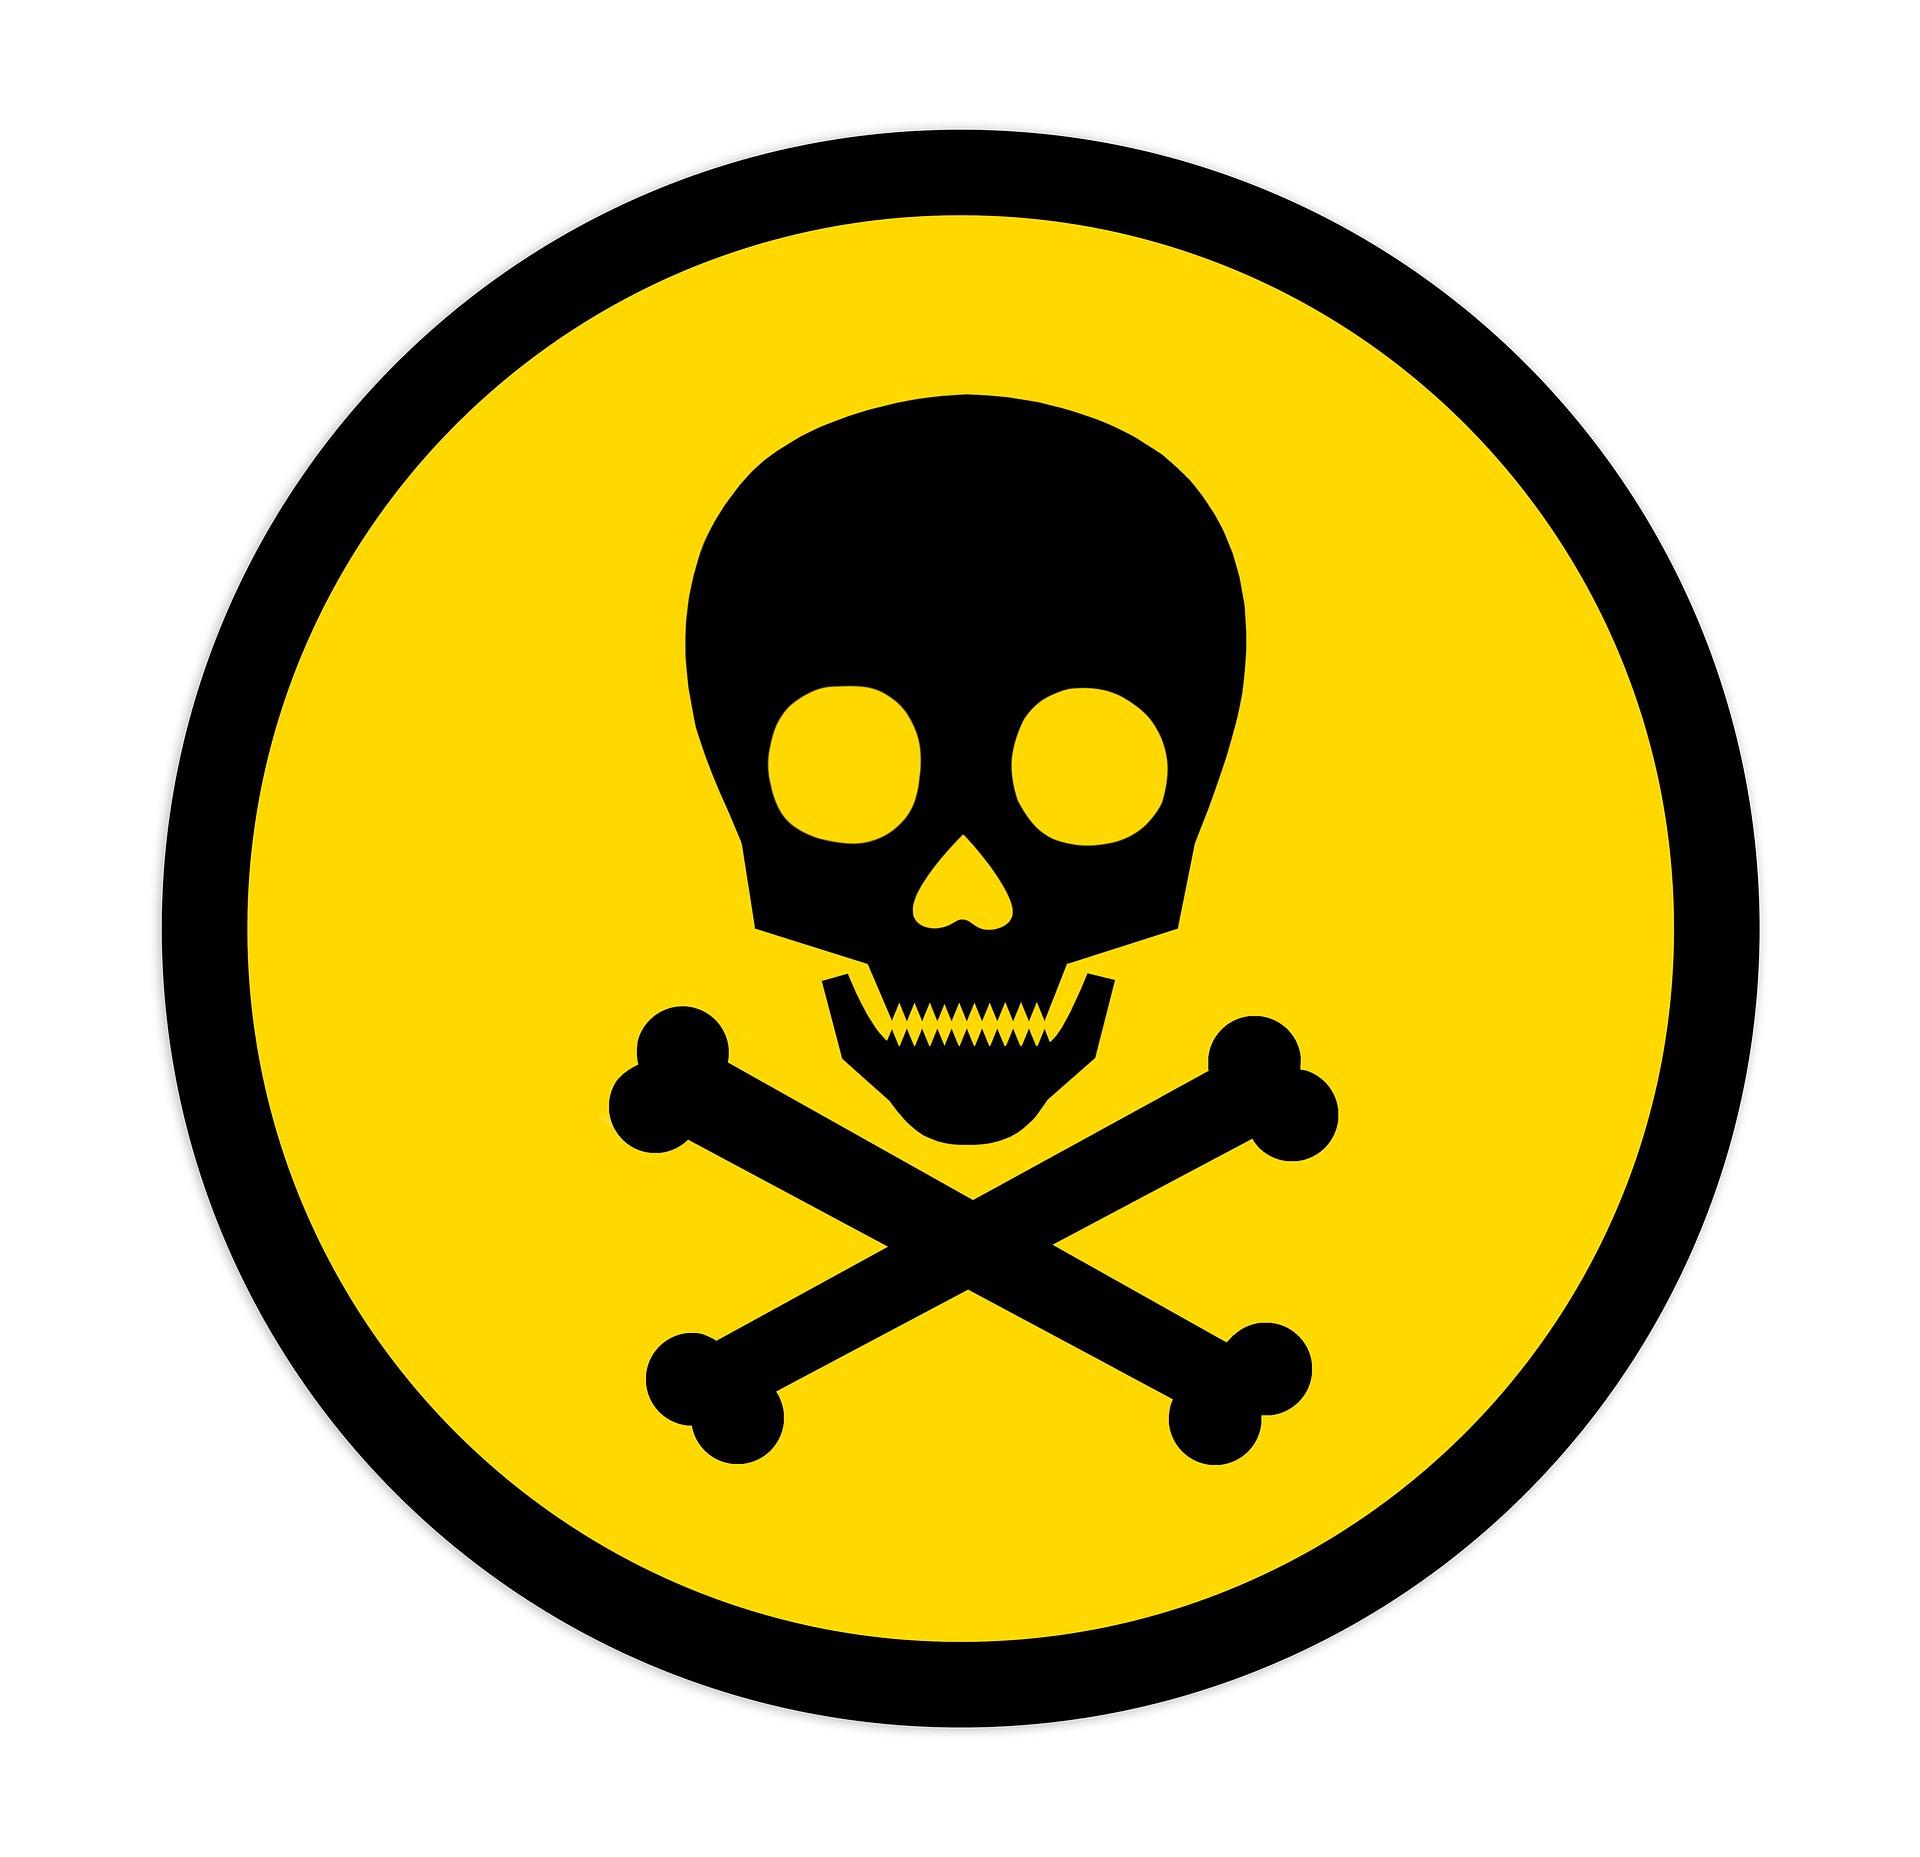 Etazen - nowy, śmiertelnie niebezpieczny narkotyk. Sanepid ostrzega